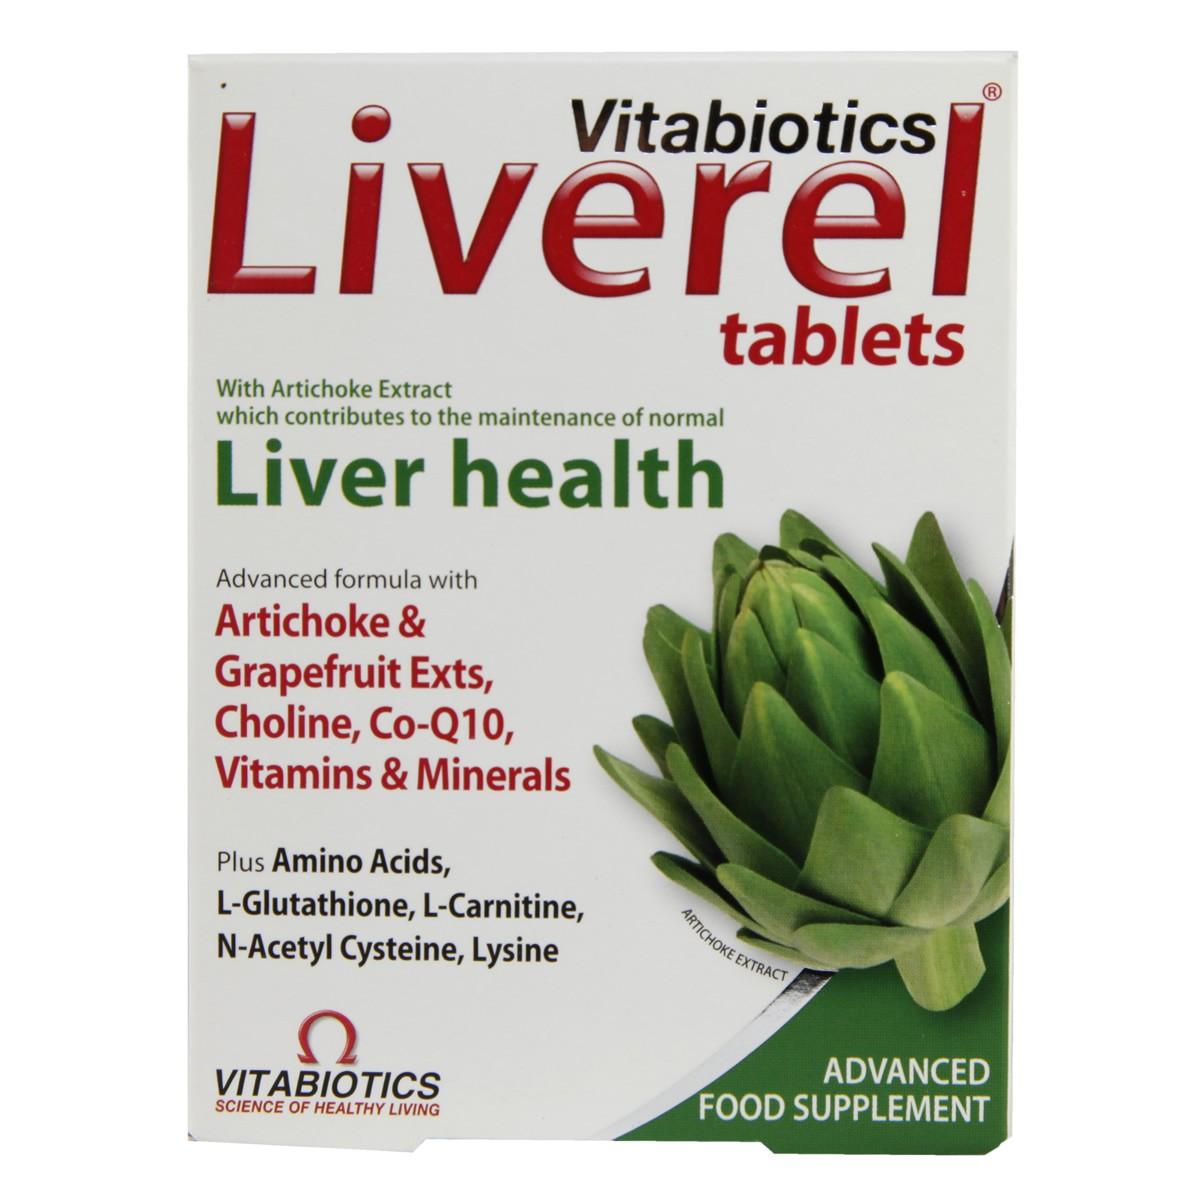 Vitabiotics Liverel Avogel Cynara 50ml